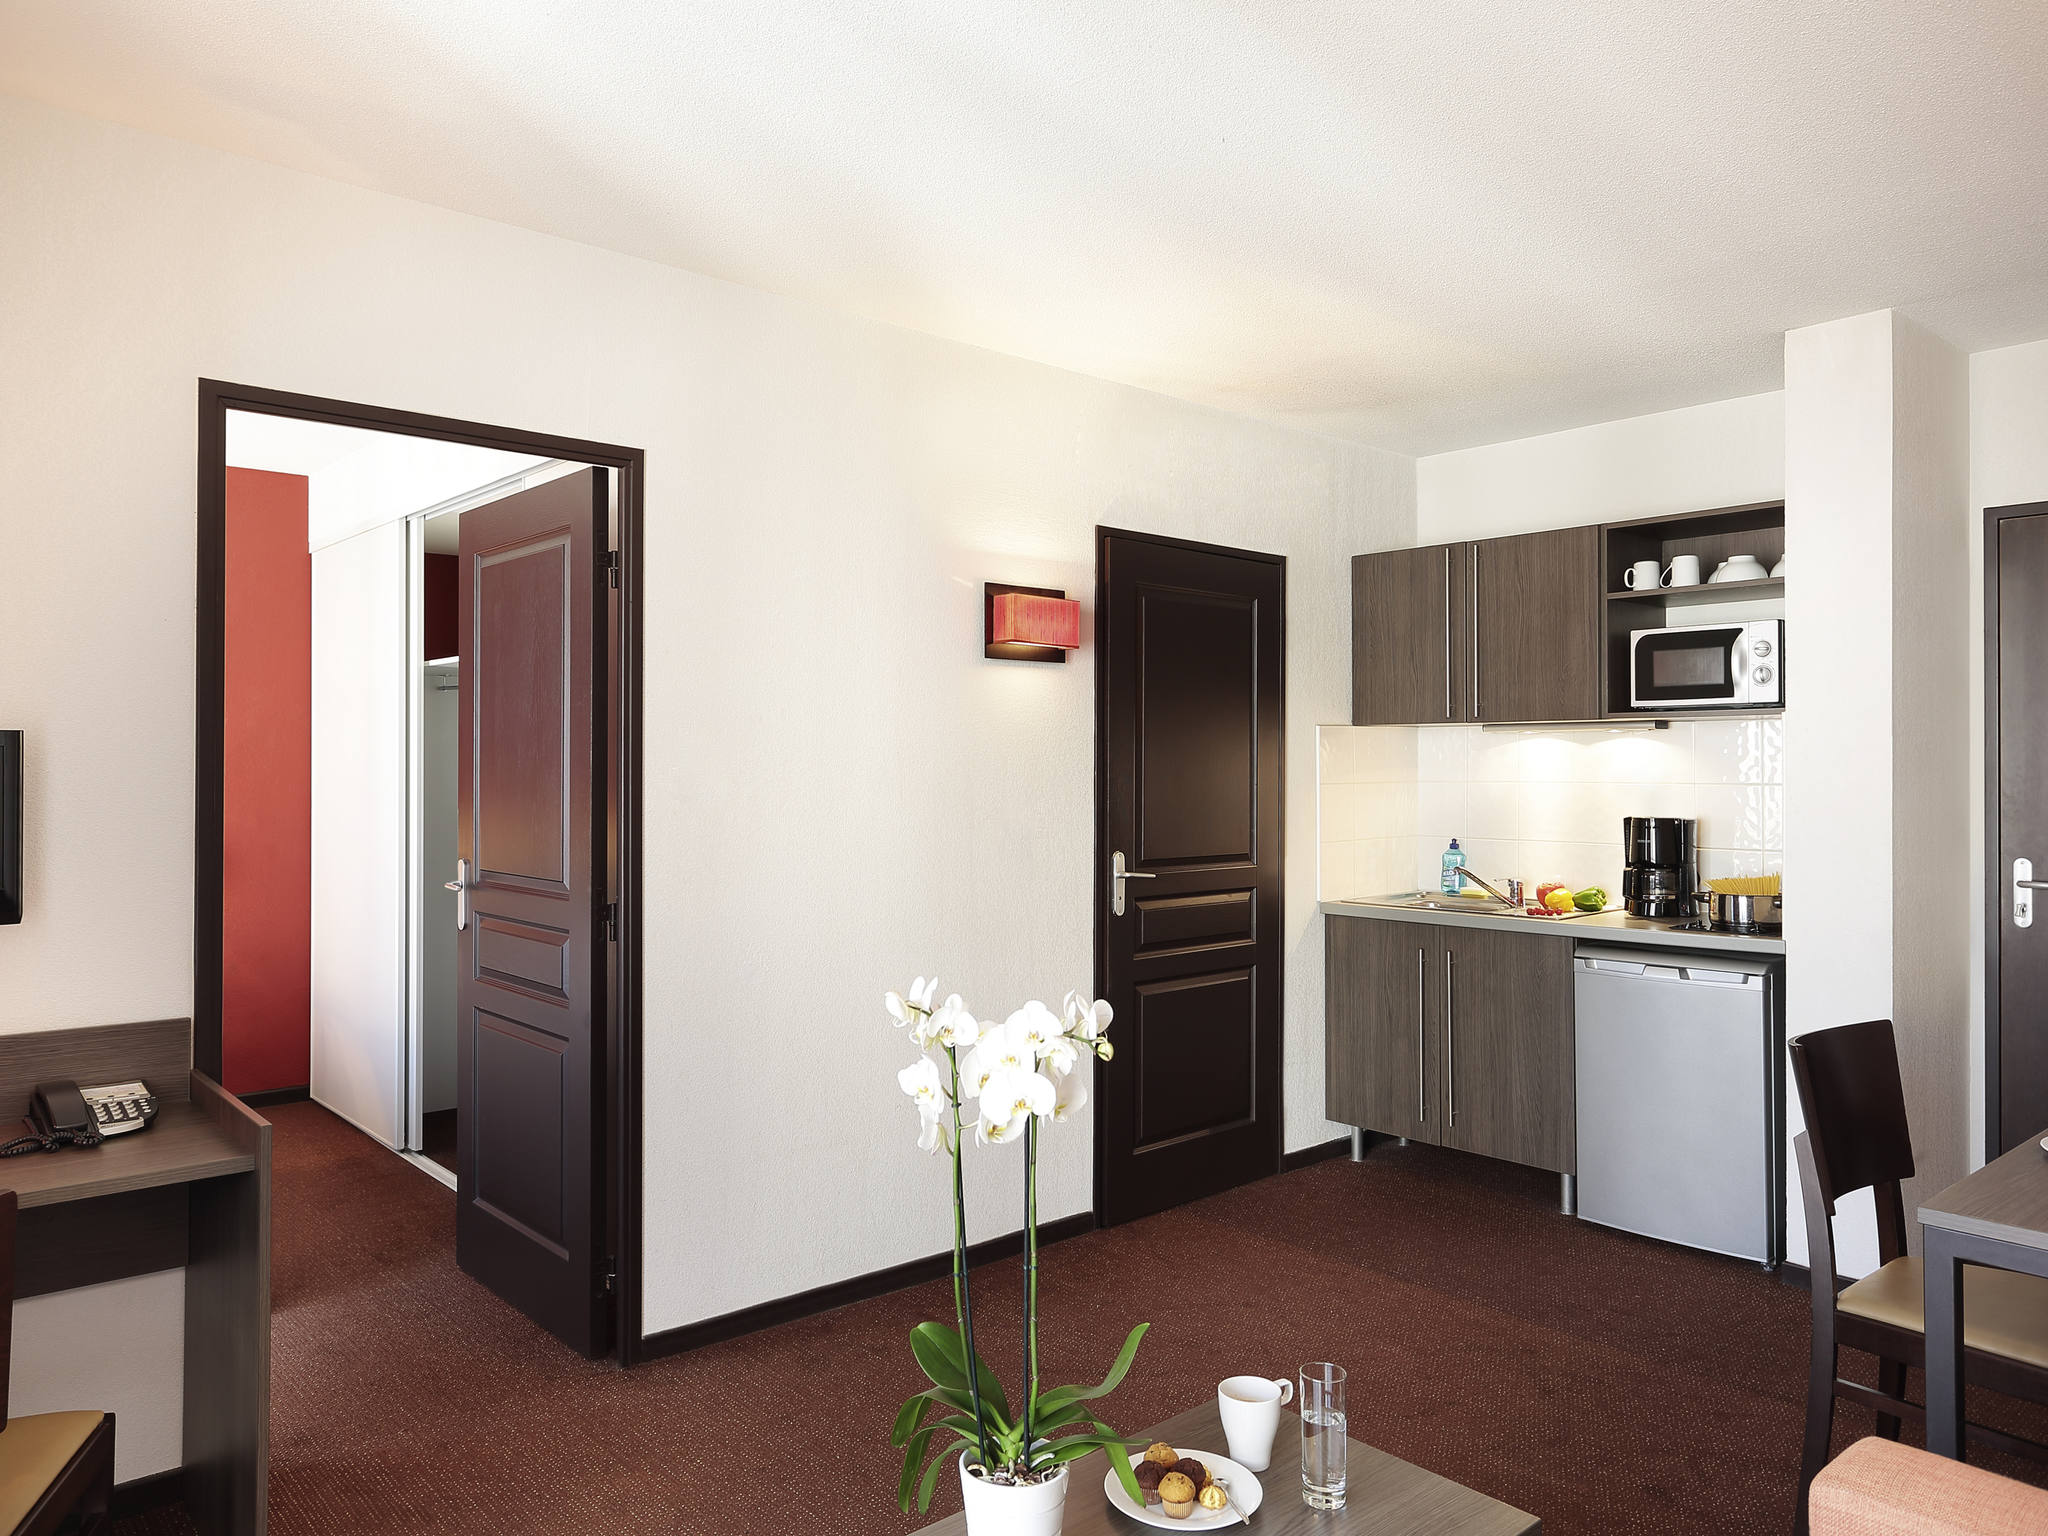 ホテル – Aparthotel Adagio access Nîmes